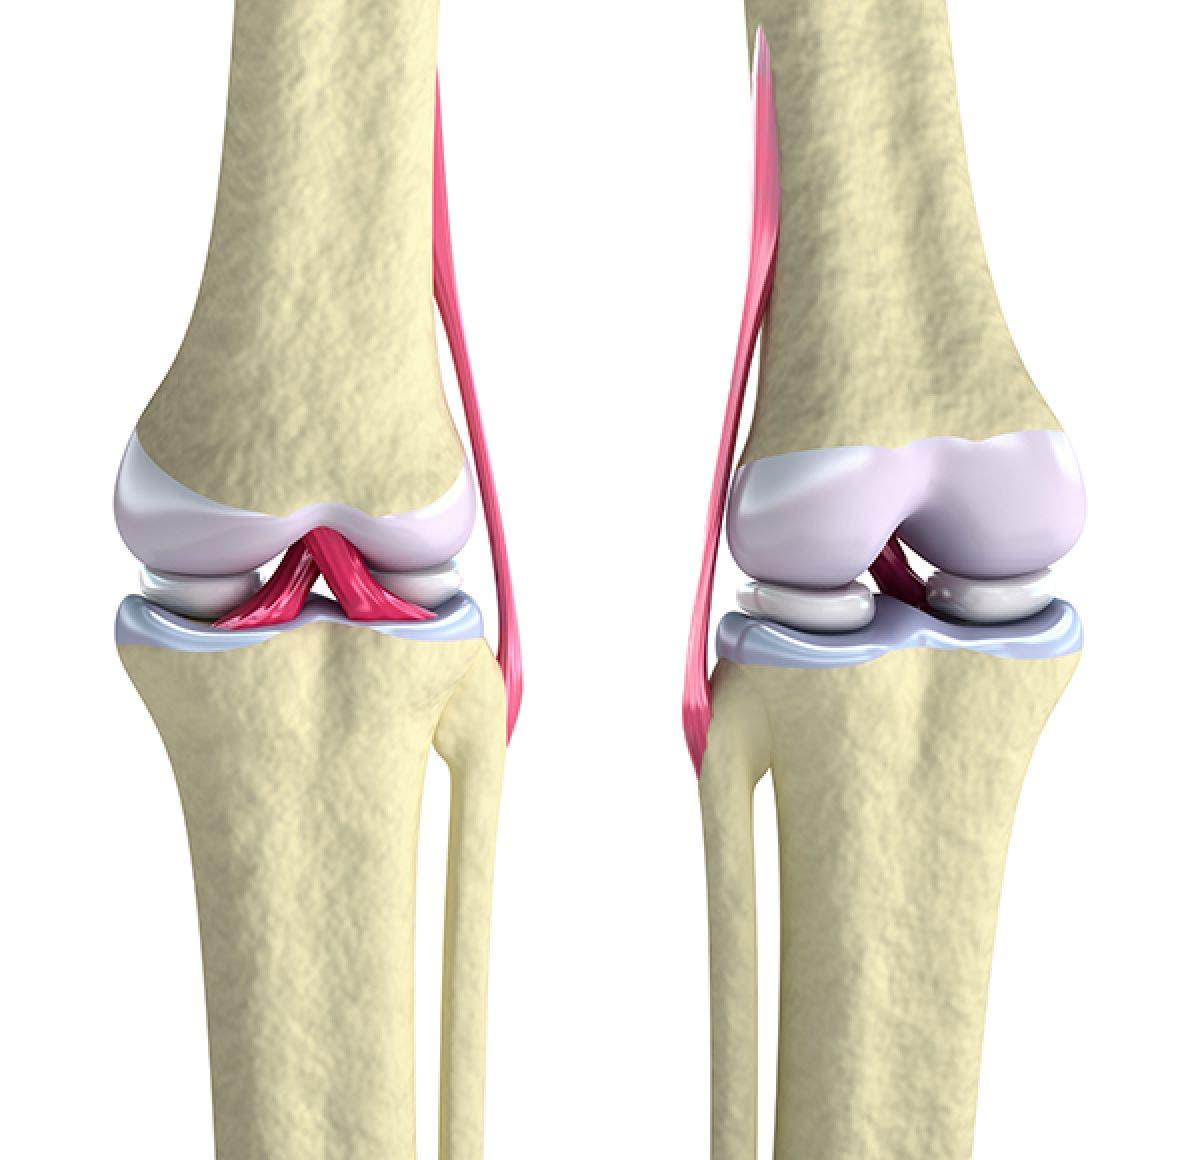 rotura de ligamento cruzado anterior recuperacion sin cirugia